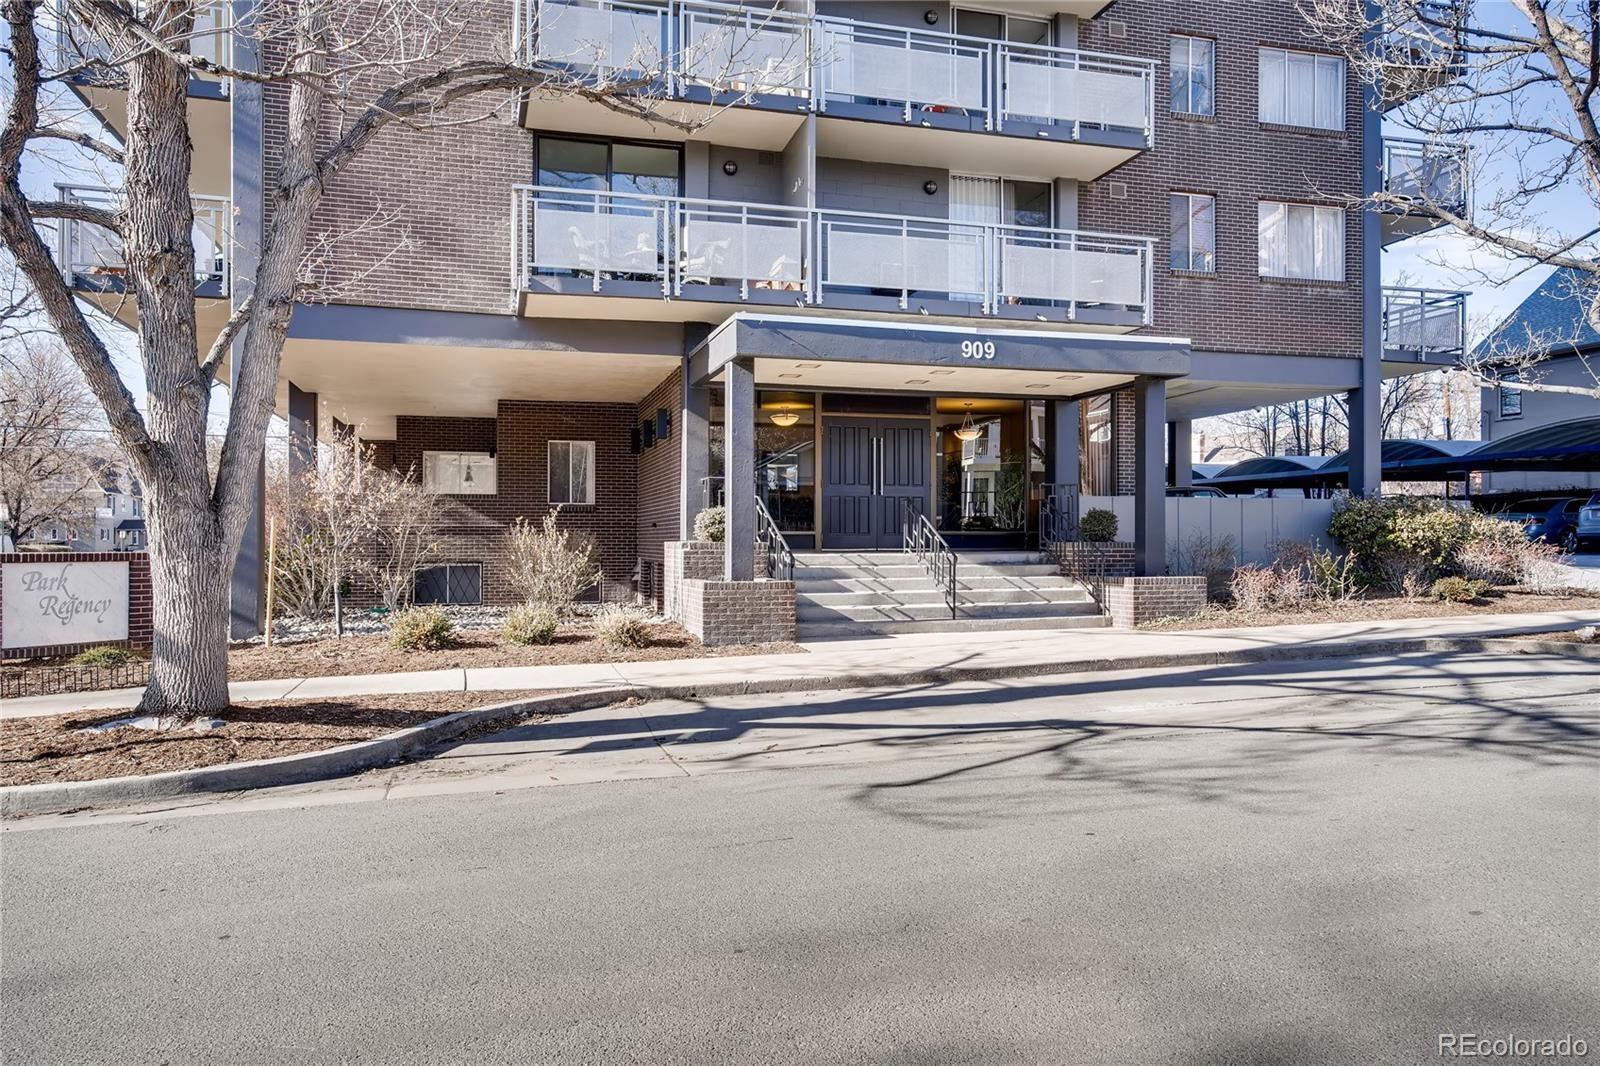 MLS# 3066178 - 2 - 909 N Lafayette Street #503, Denver, CO 80218